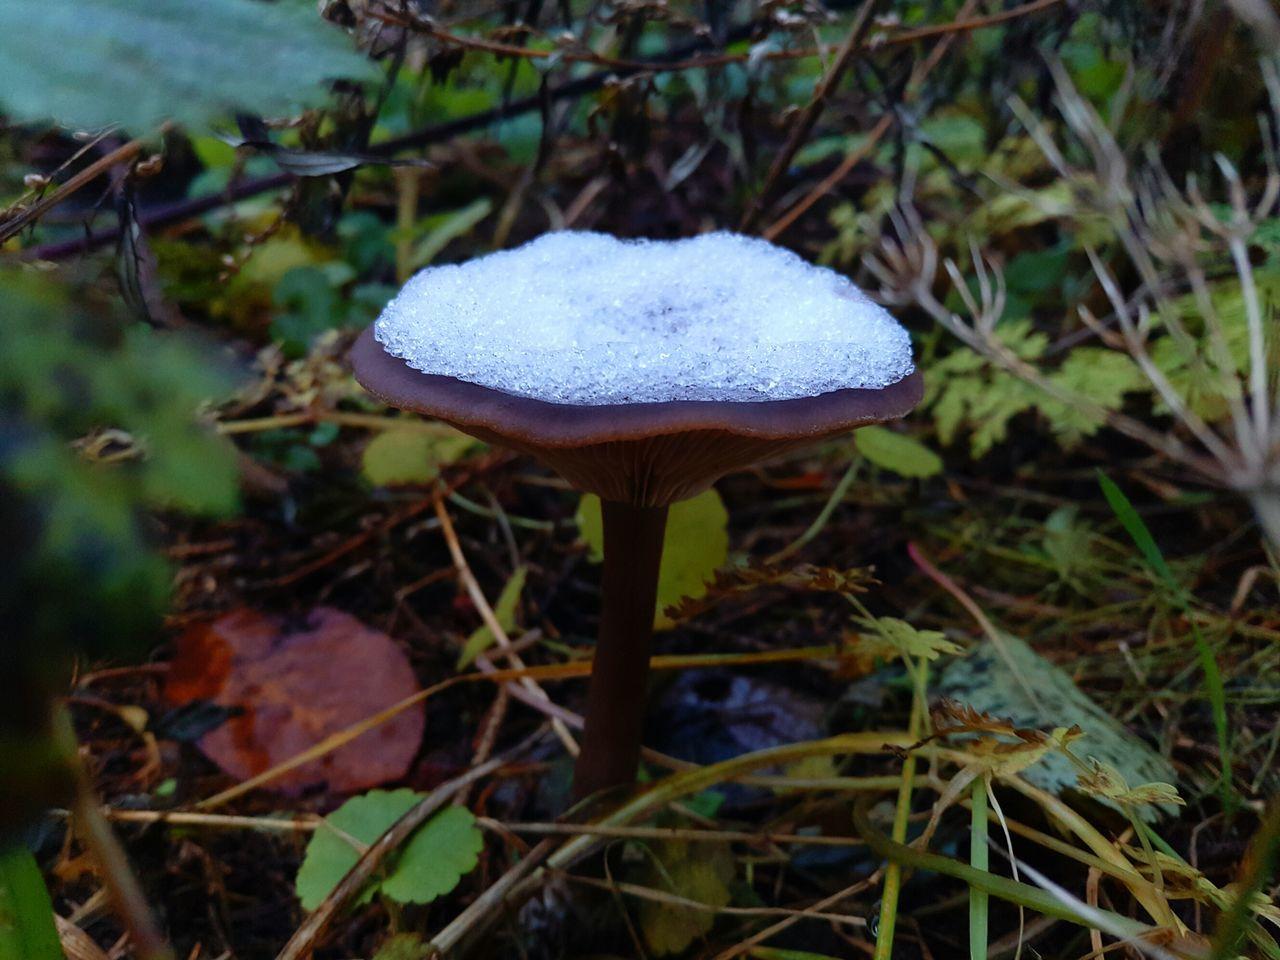 Shroom Forest Shroom Mushroom Nature Snow ❄ Outdoors Fungus Growth